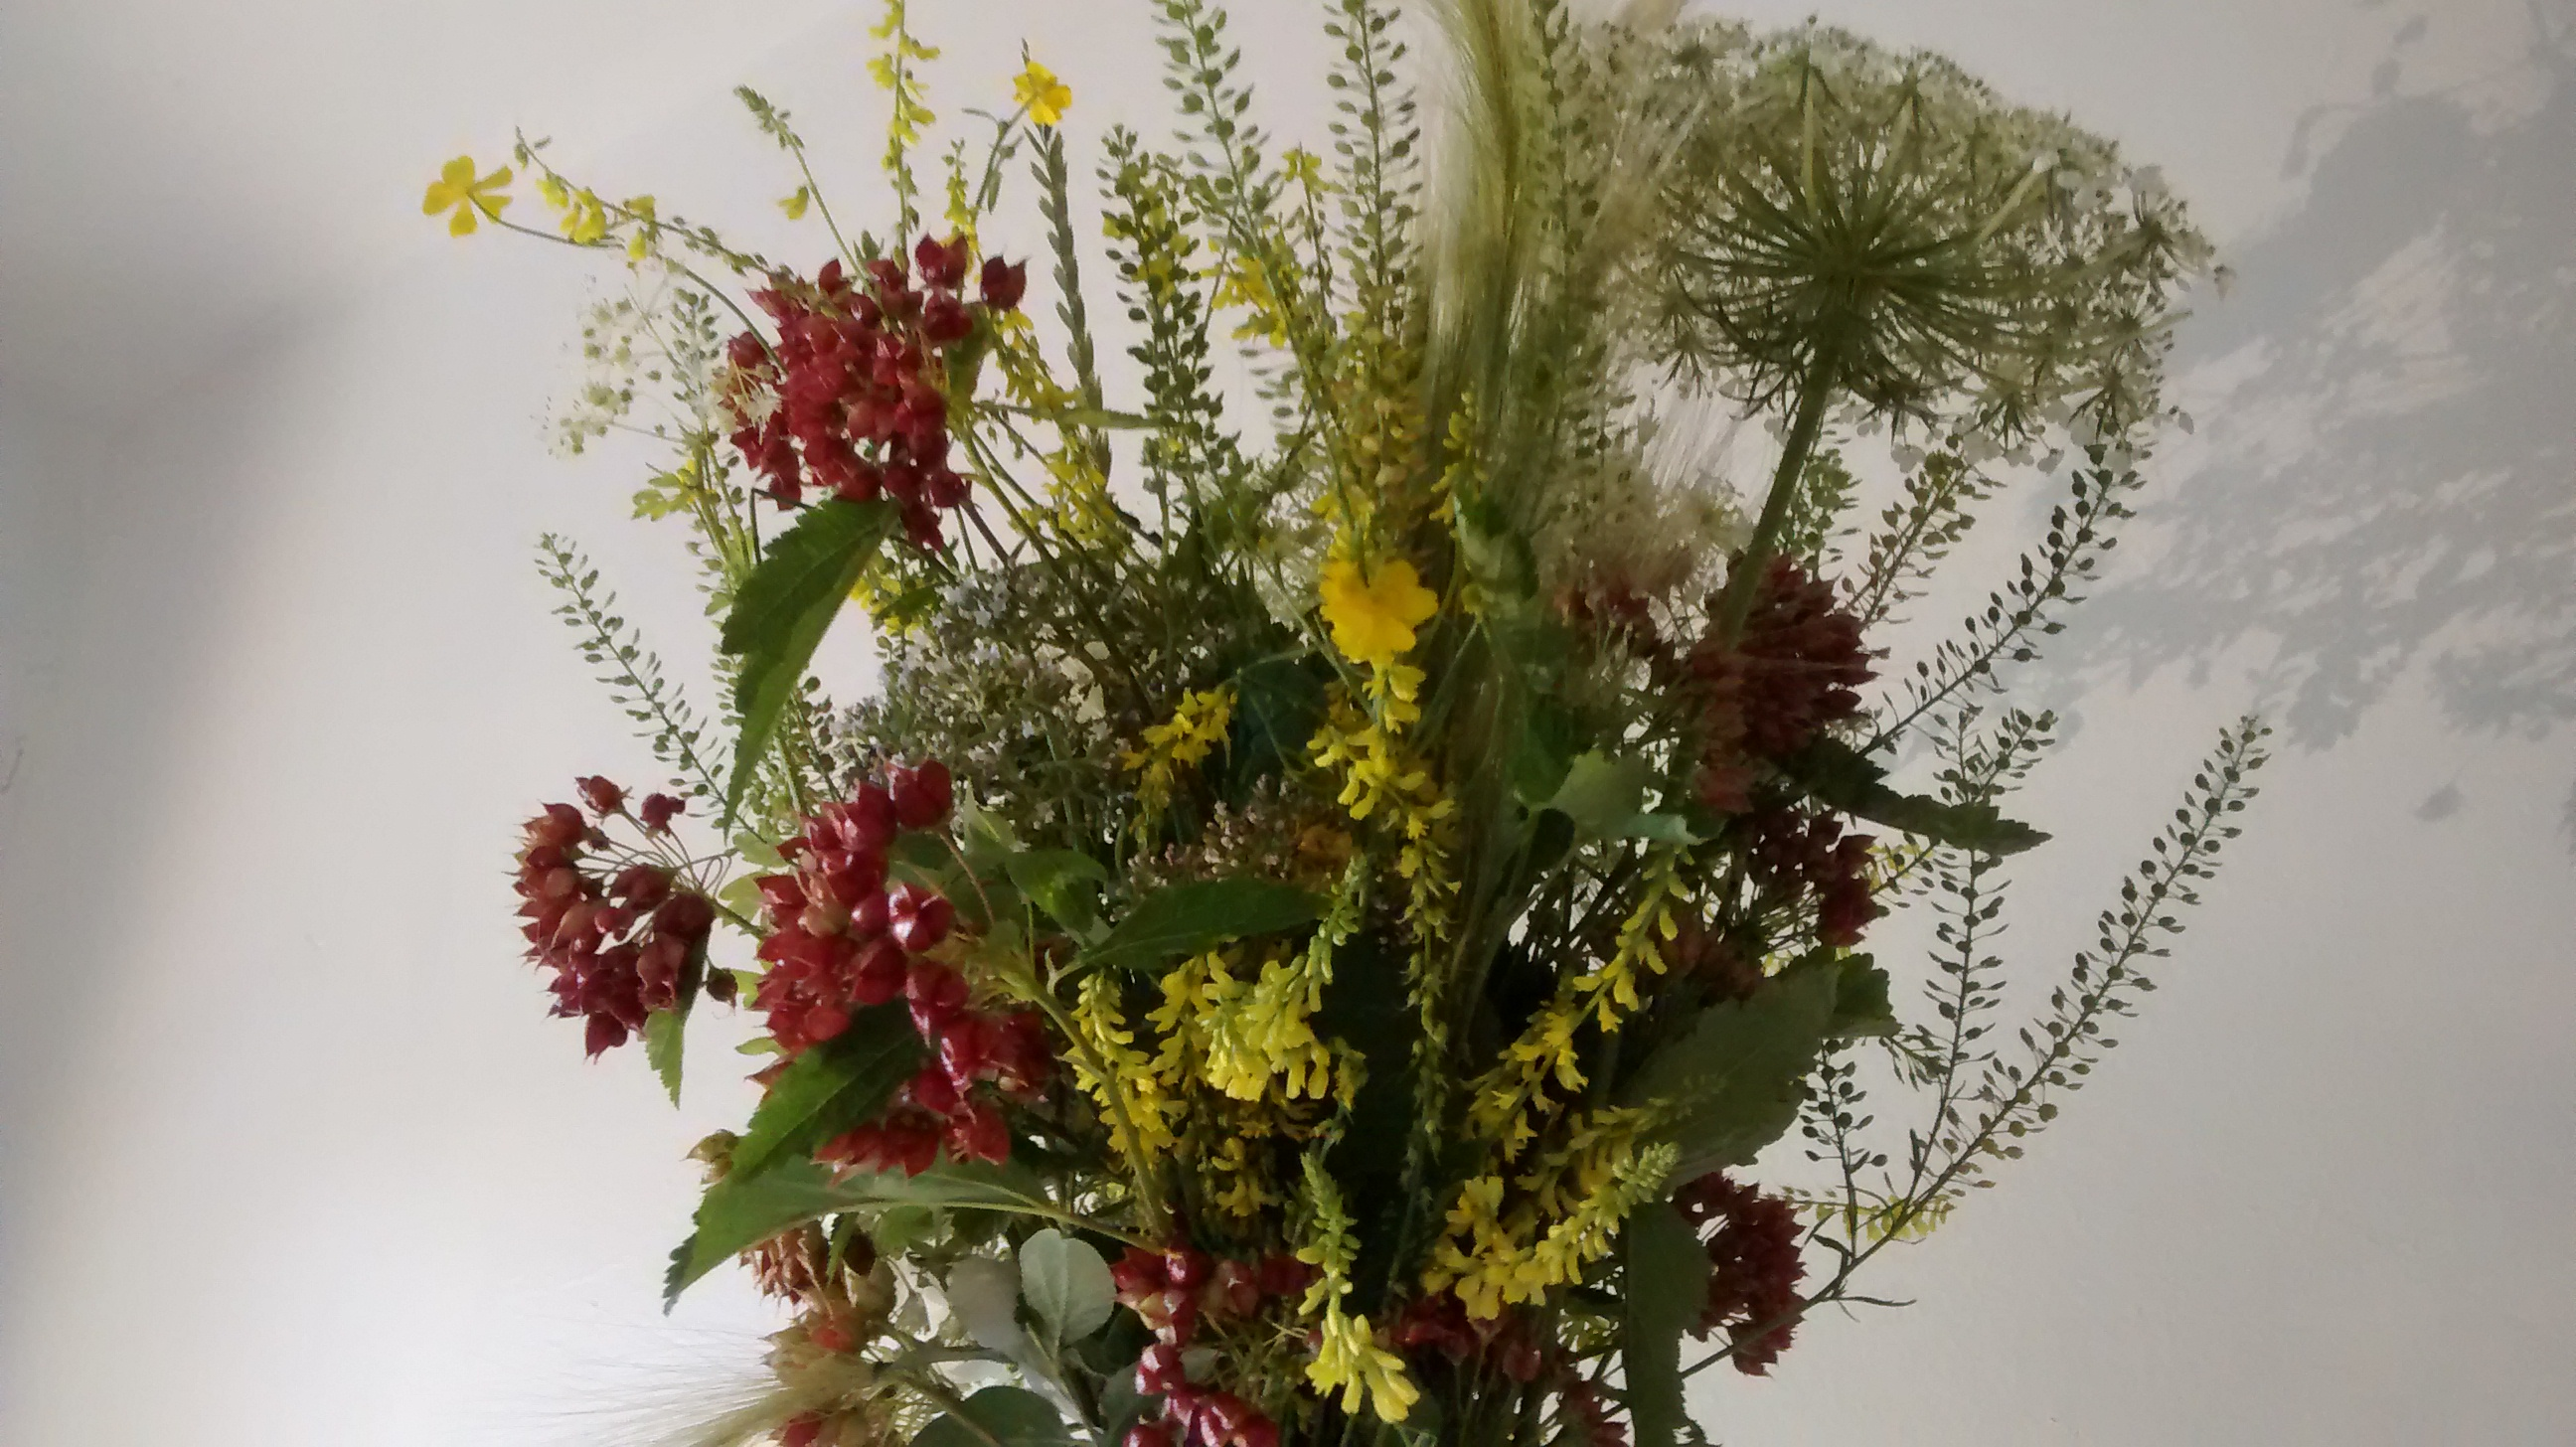 Bouquets de fleurs sauvages au centre de la ville - Bouquet de fleurs sauvages ...